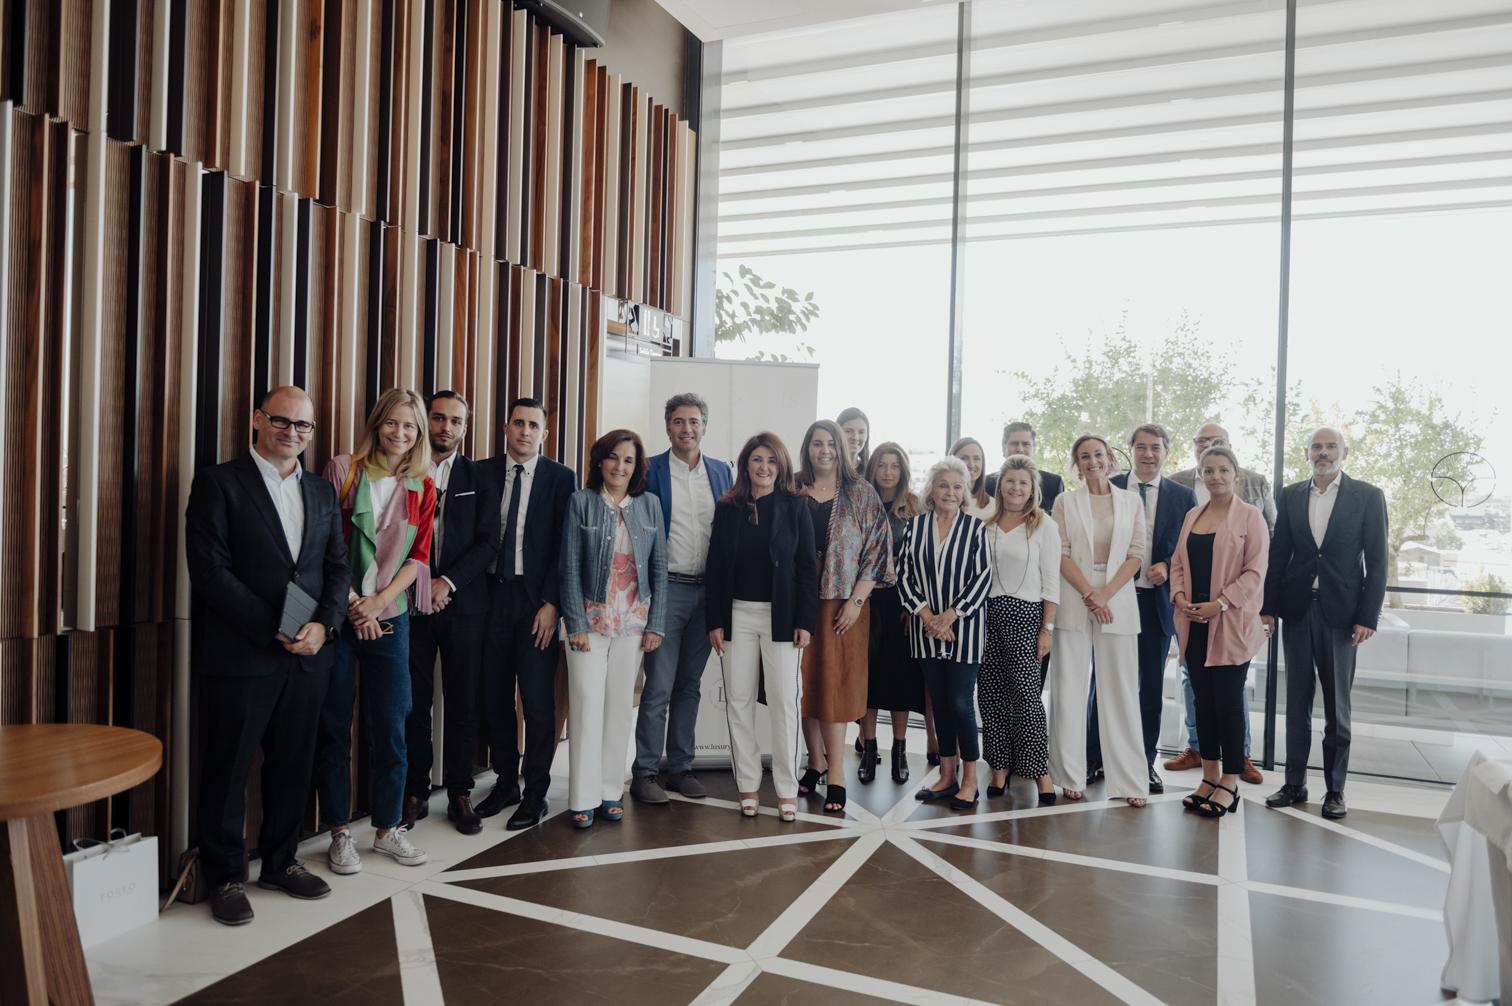 Luxury Spain celebra un Desayuno Networking sobre Turismo de Lujo y Lifestyle